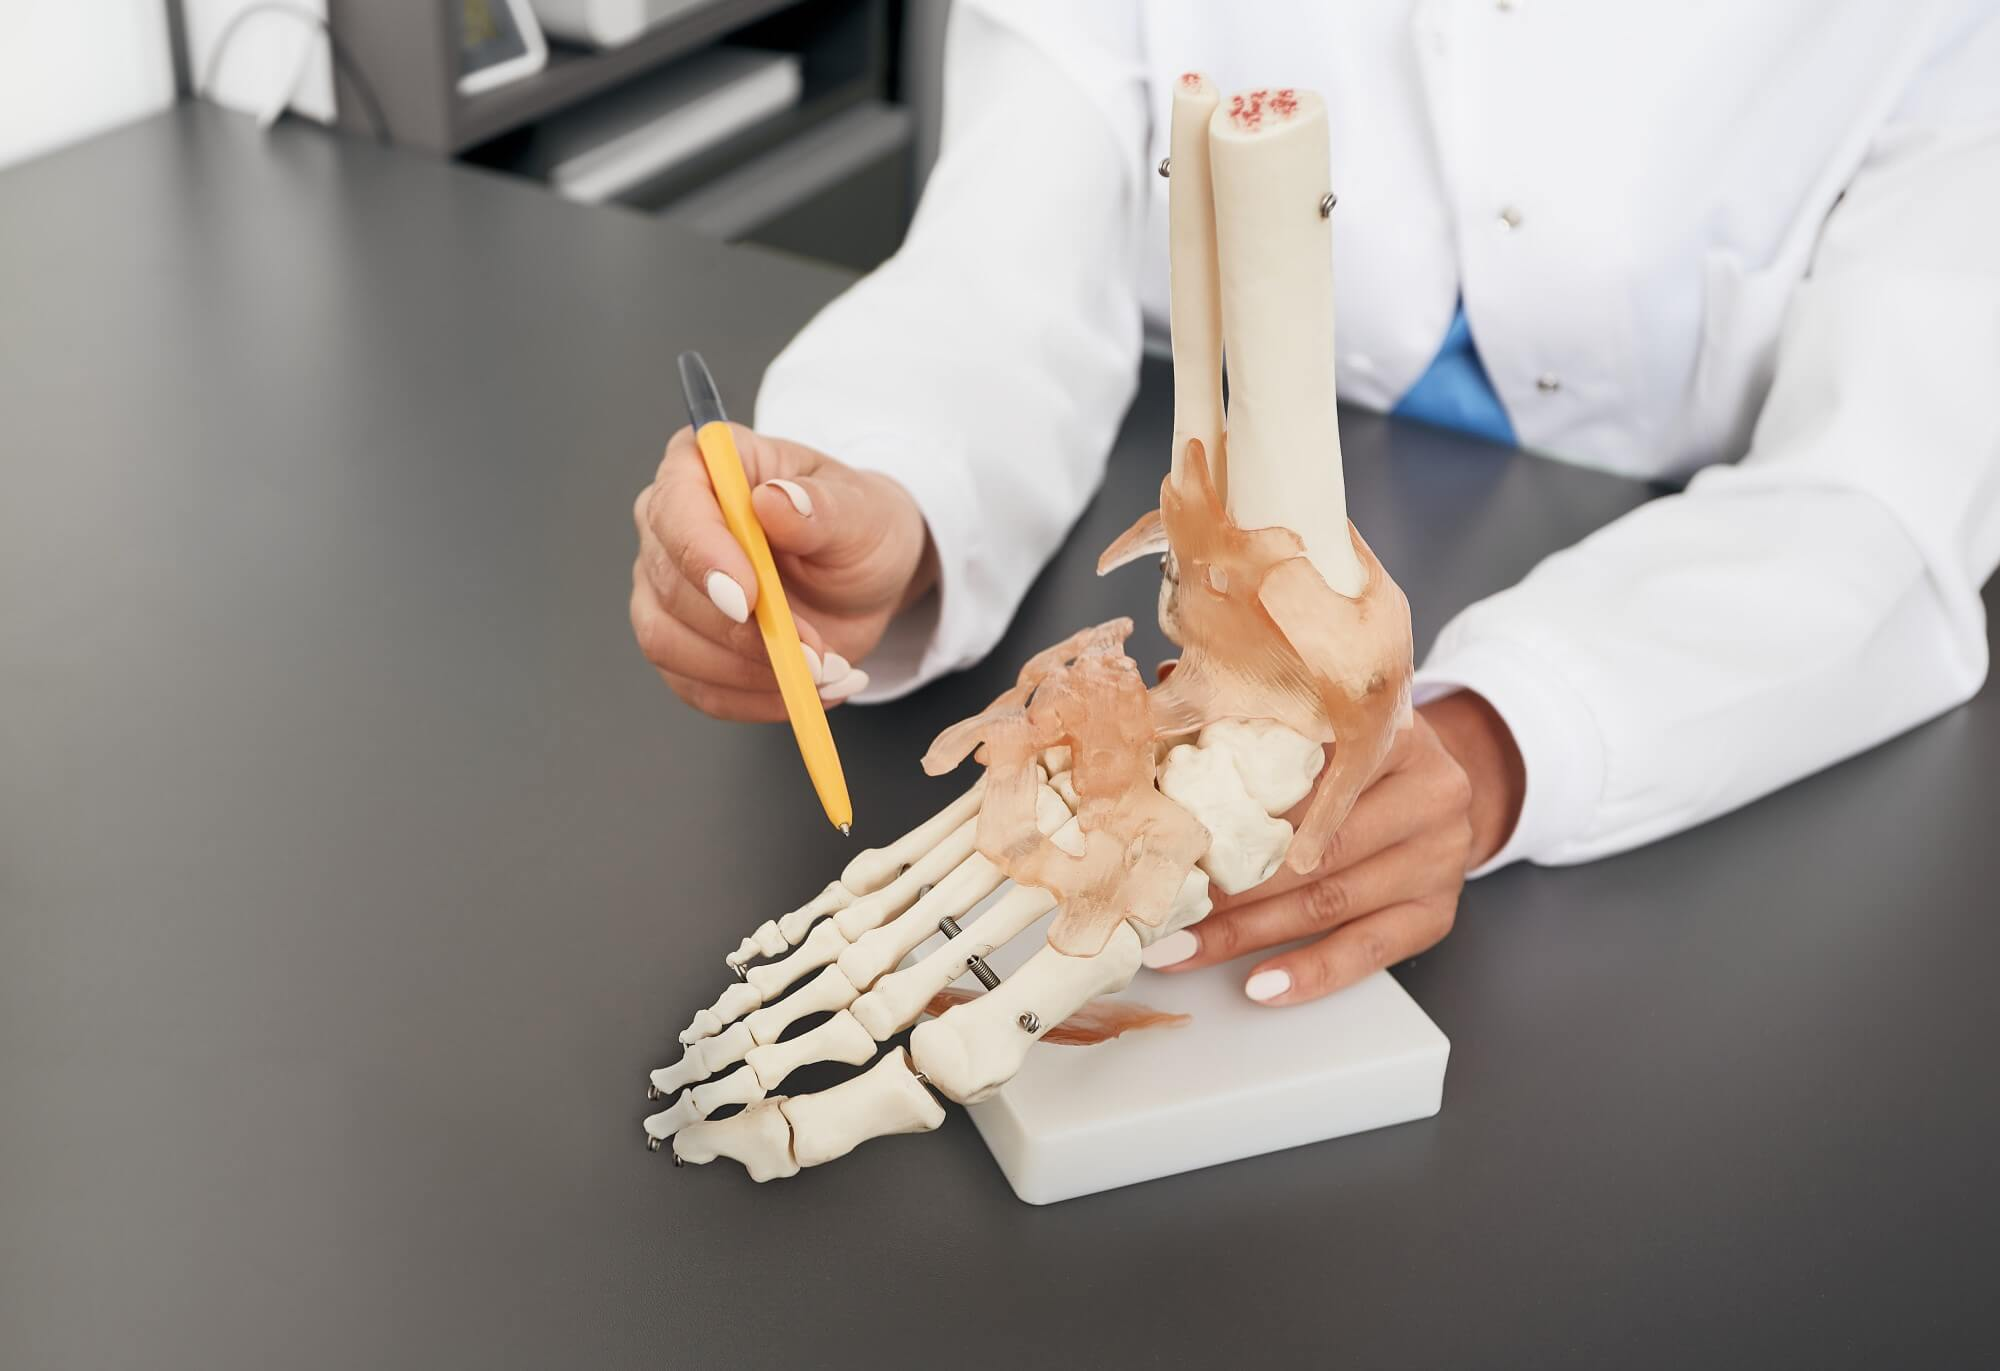 Ärztin zeigt die Anatomie an einem Skelettmodell eines Fußes